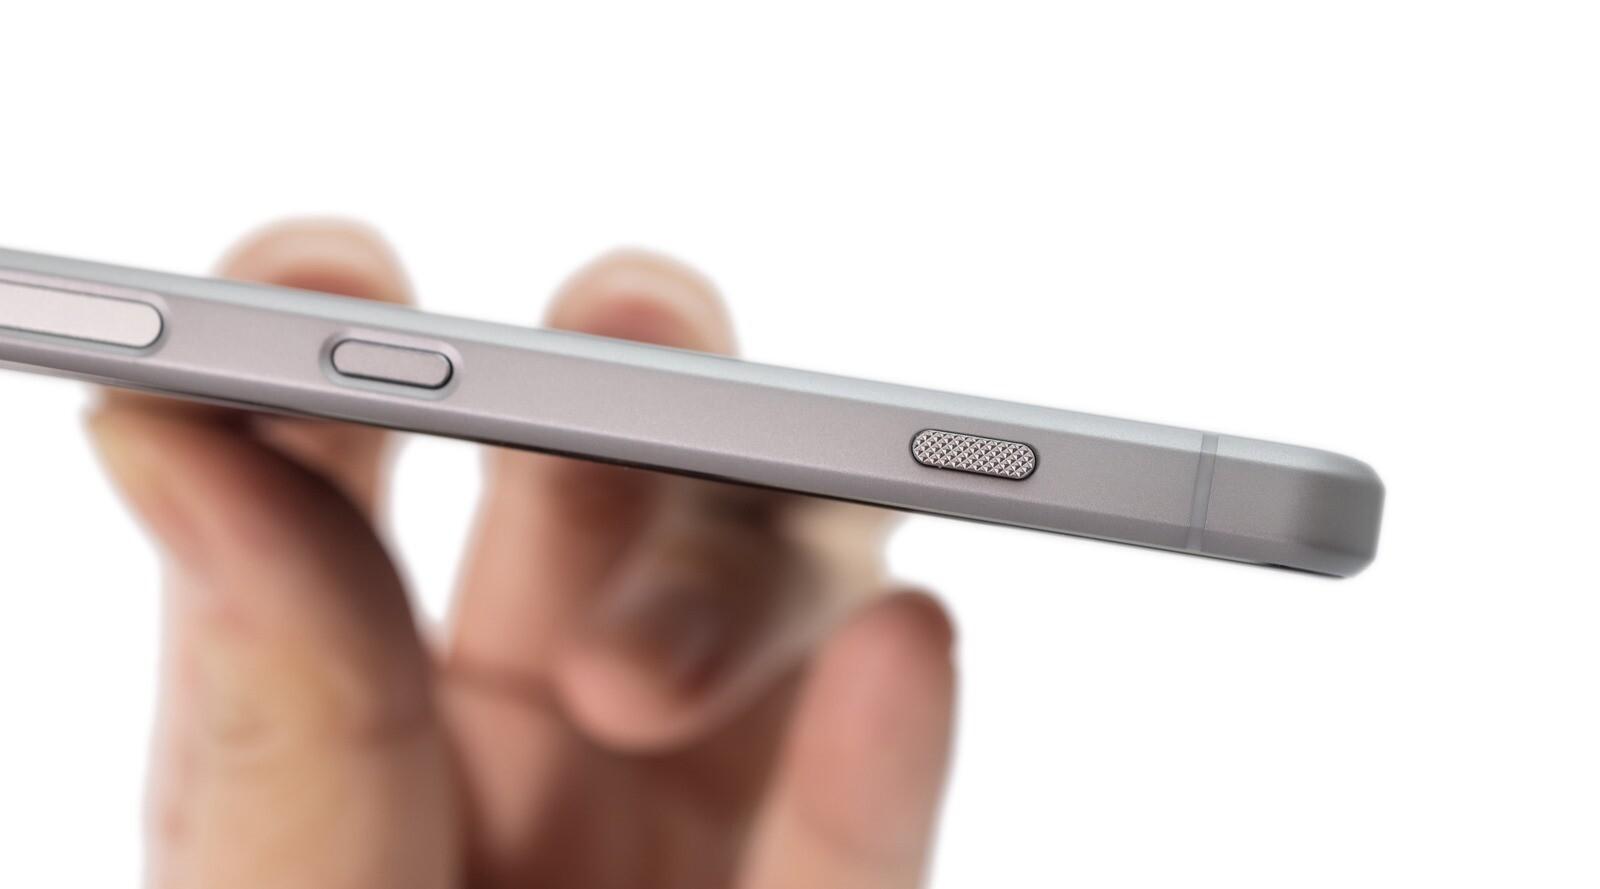 台版 Sony Xperia 1 III 開箱! (消光灰),看看盒中有什麼?( Sony Xperia 1 III unboxing) @3C 達人廖阿輝